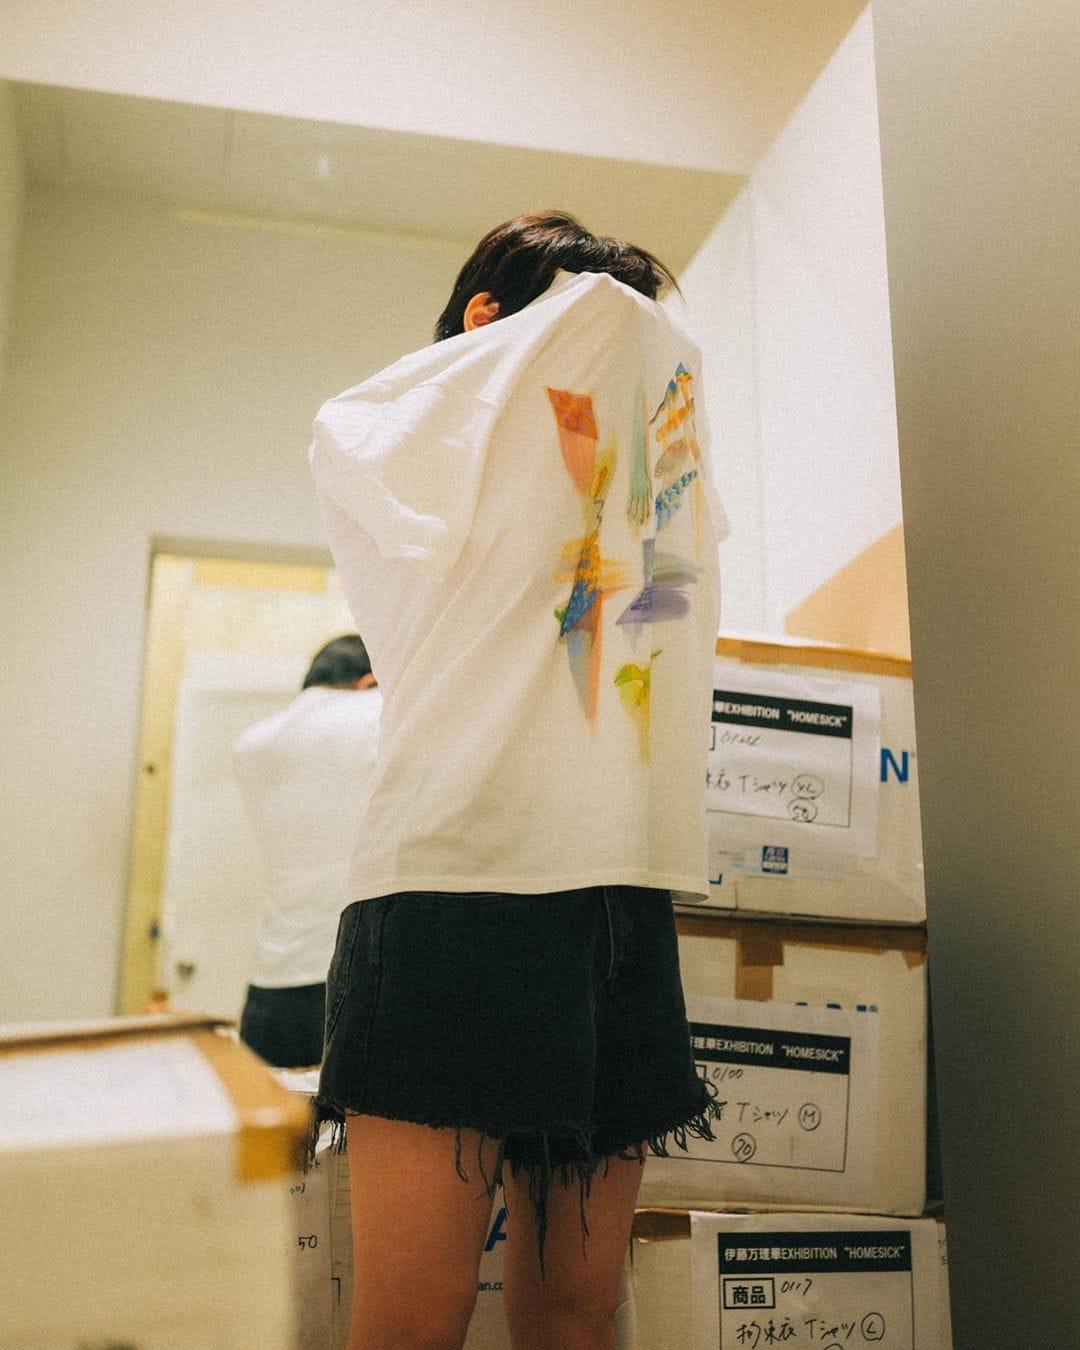 元乃木坂46伊藤万理華「Tシャツお着替え!」福岡で開催中の個展をアピール【写真3枚】の画像003